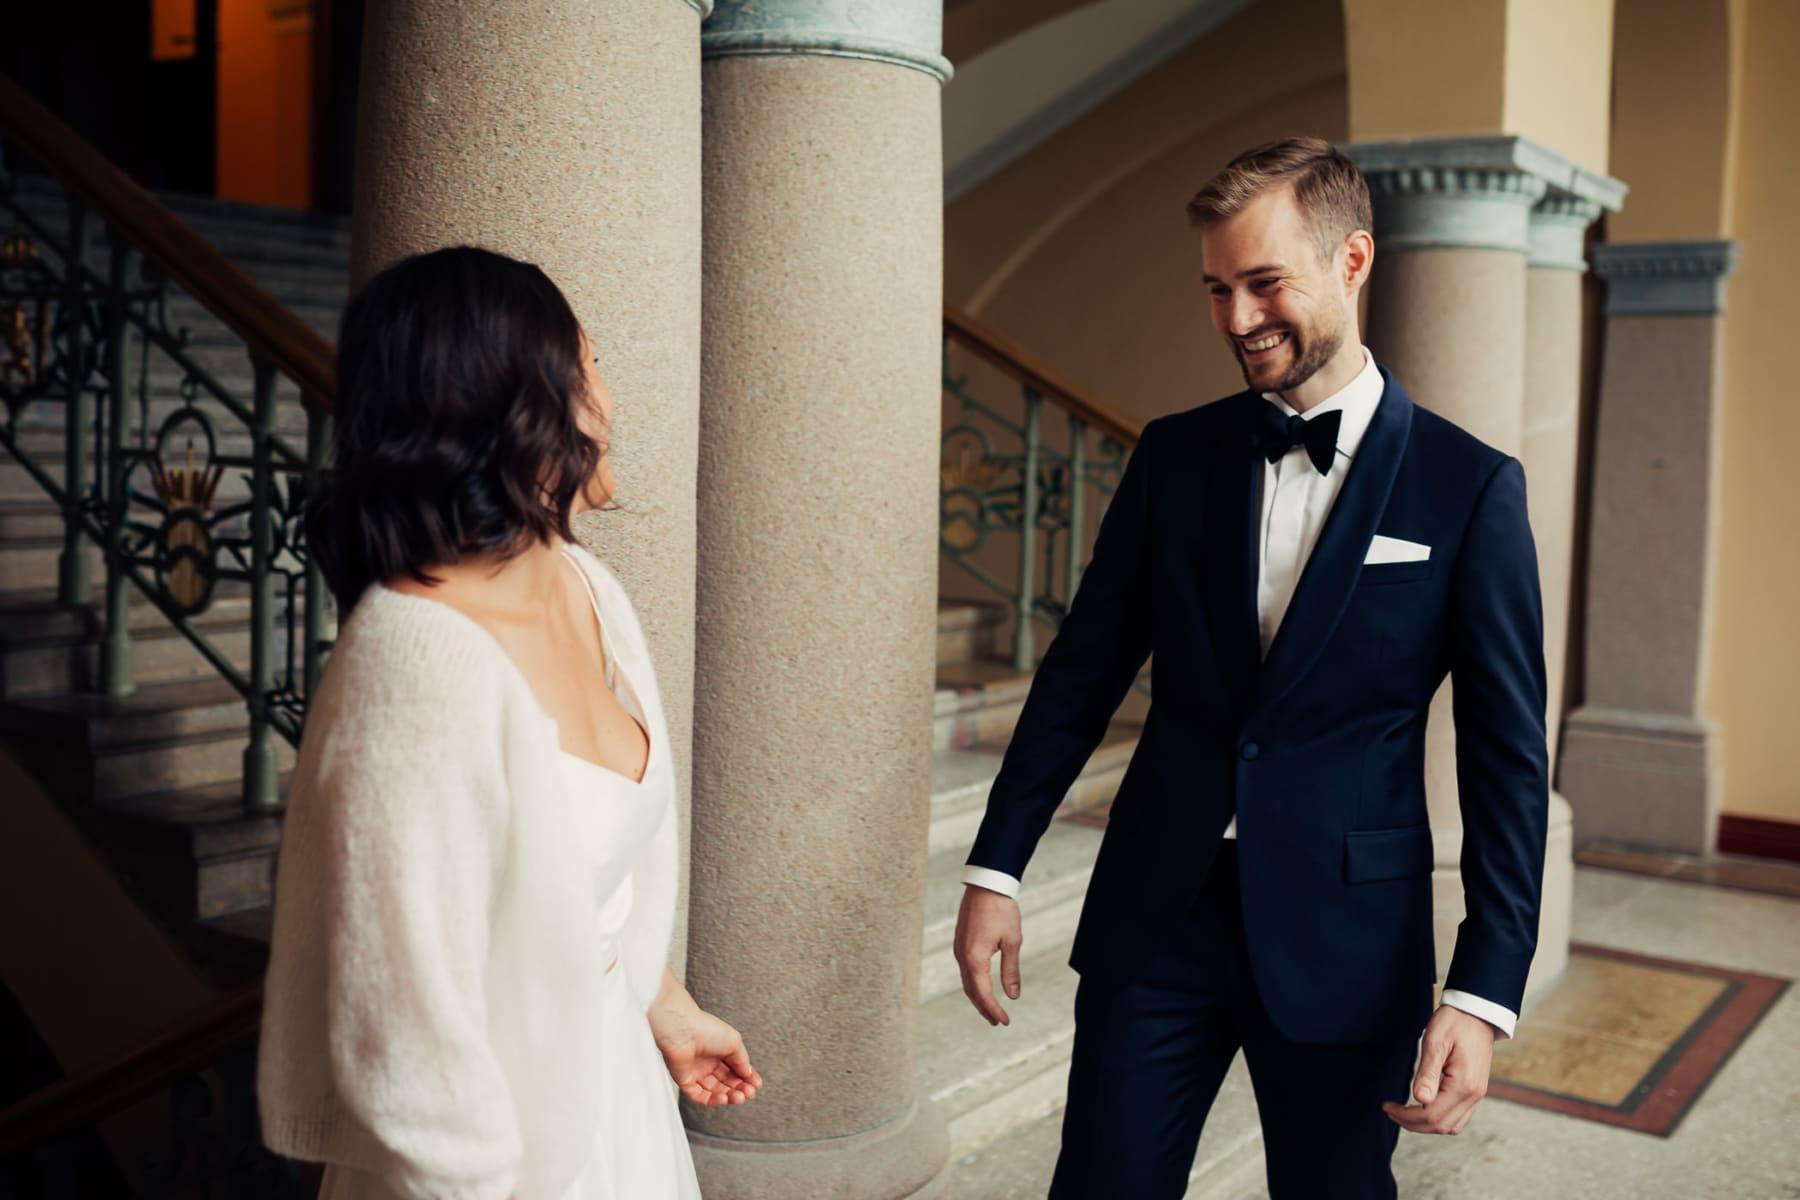 Caroline & Bendik - avslappet og morsomt bryllup i Ski Fotograf bryllup ski 8 Brudepar